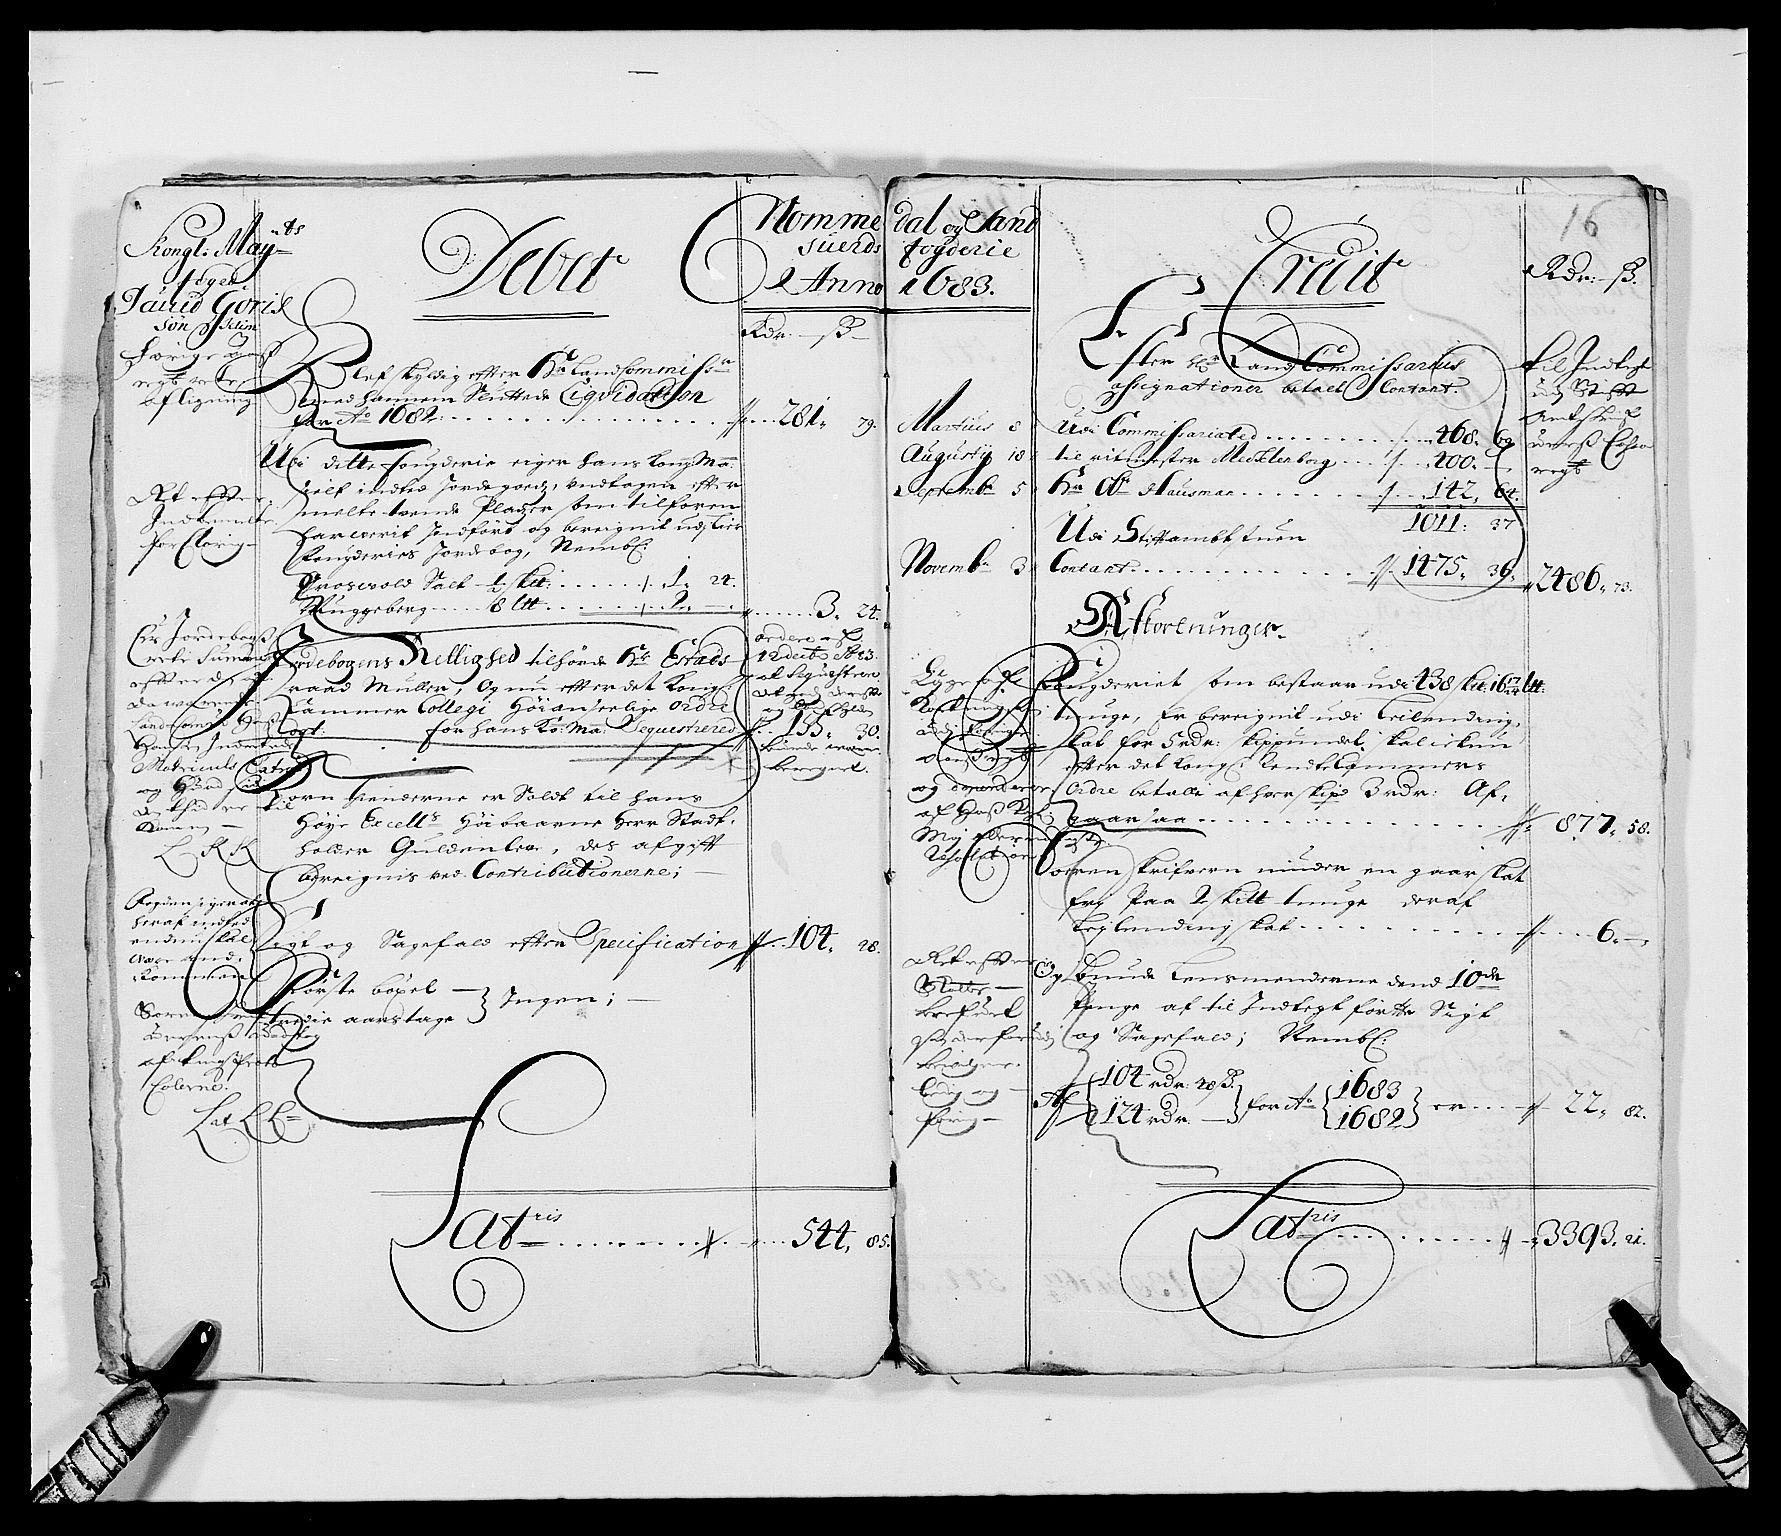 RA, Rentekammeret inntil 1814, Reviderte regnskaper, Fogderegnskap, R24/L1569: Fogderegnskap Numedal og Sandsvær, 1679-1686, s. 62